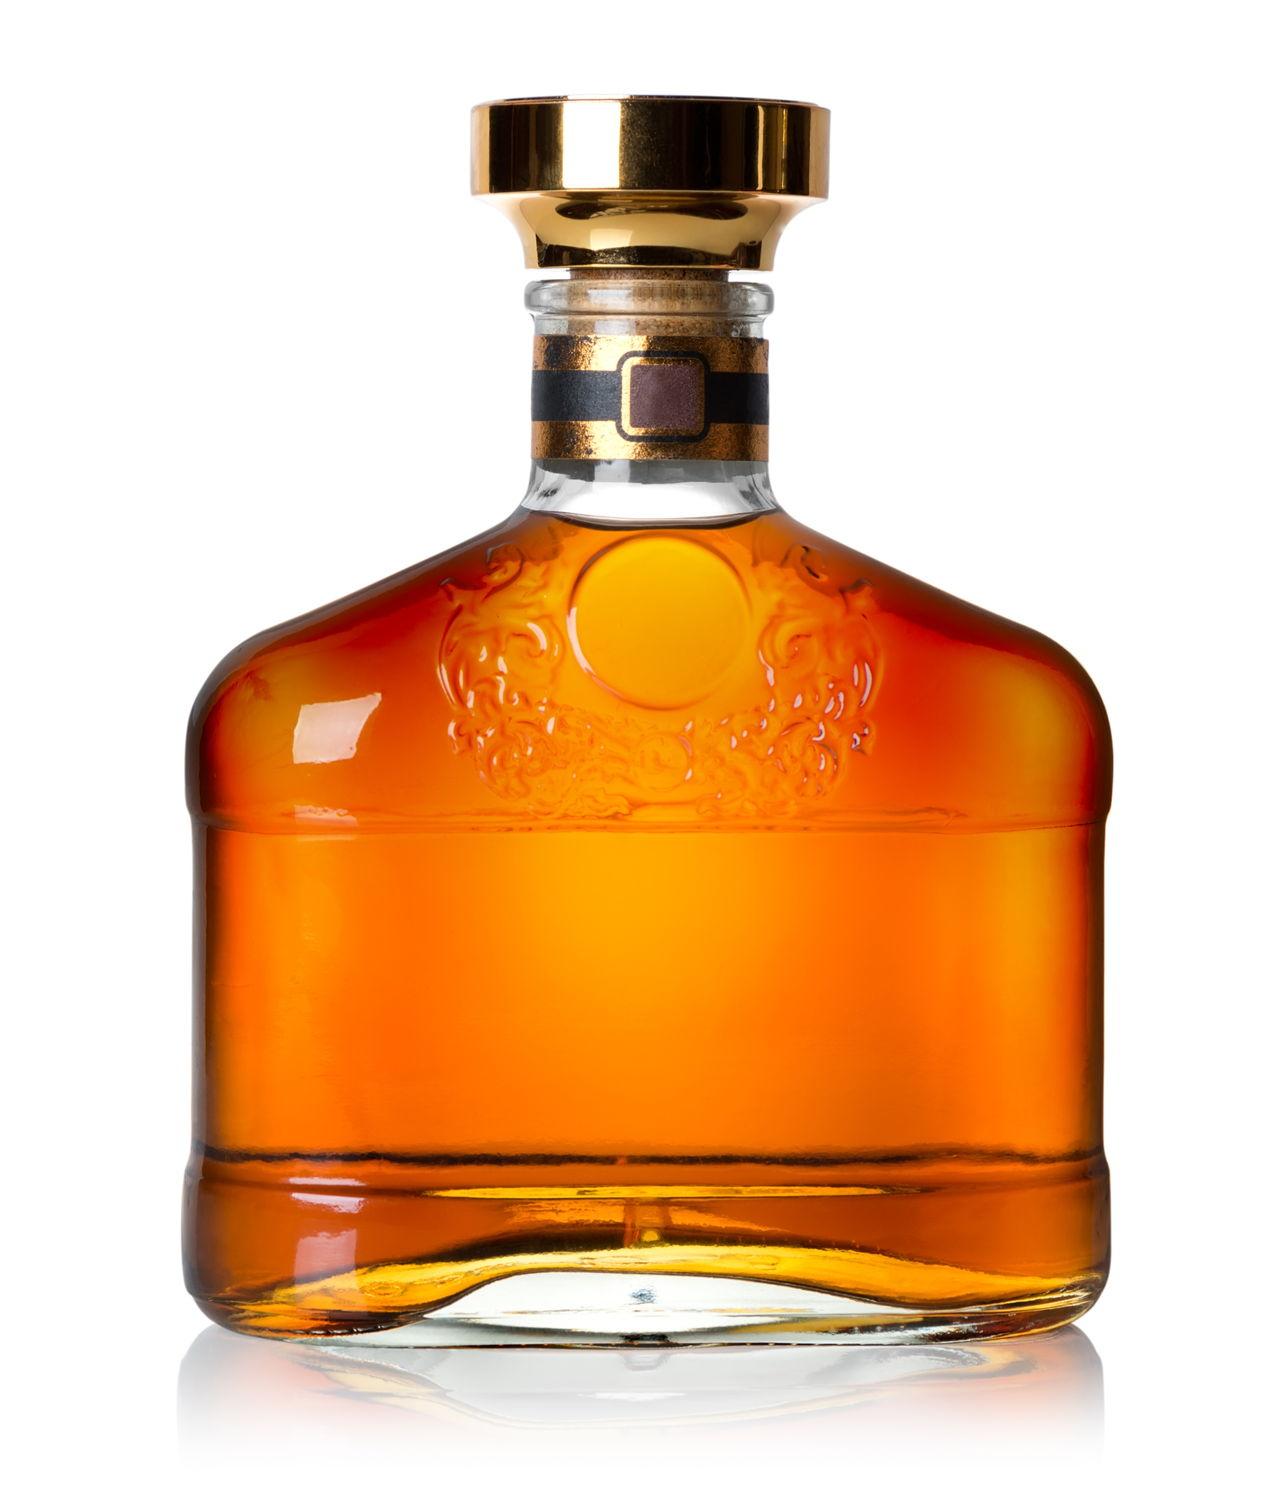 A bottle of cognac - 2 7